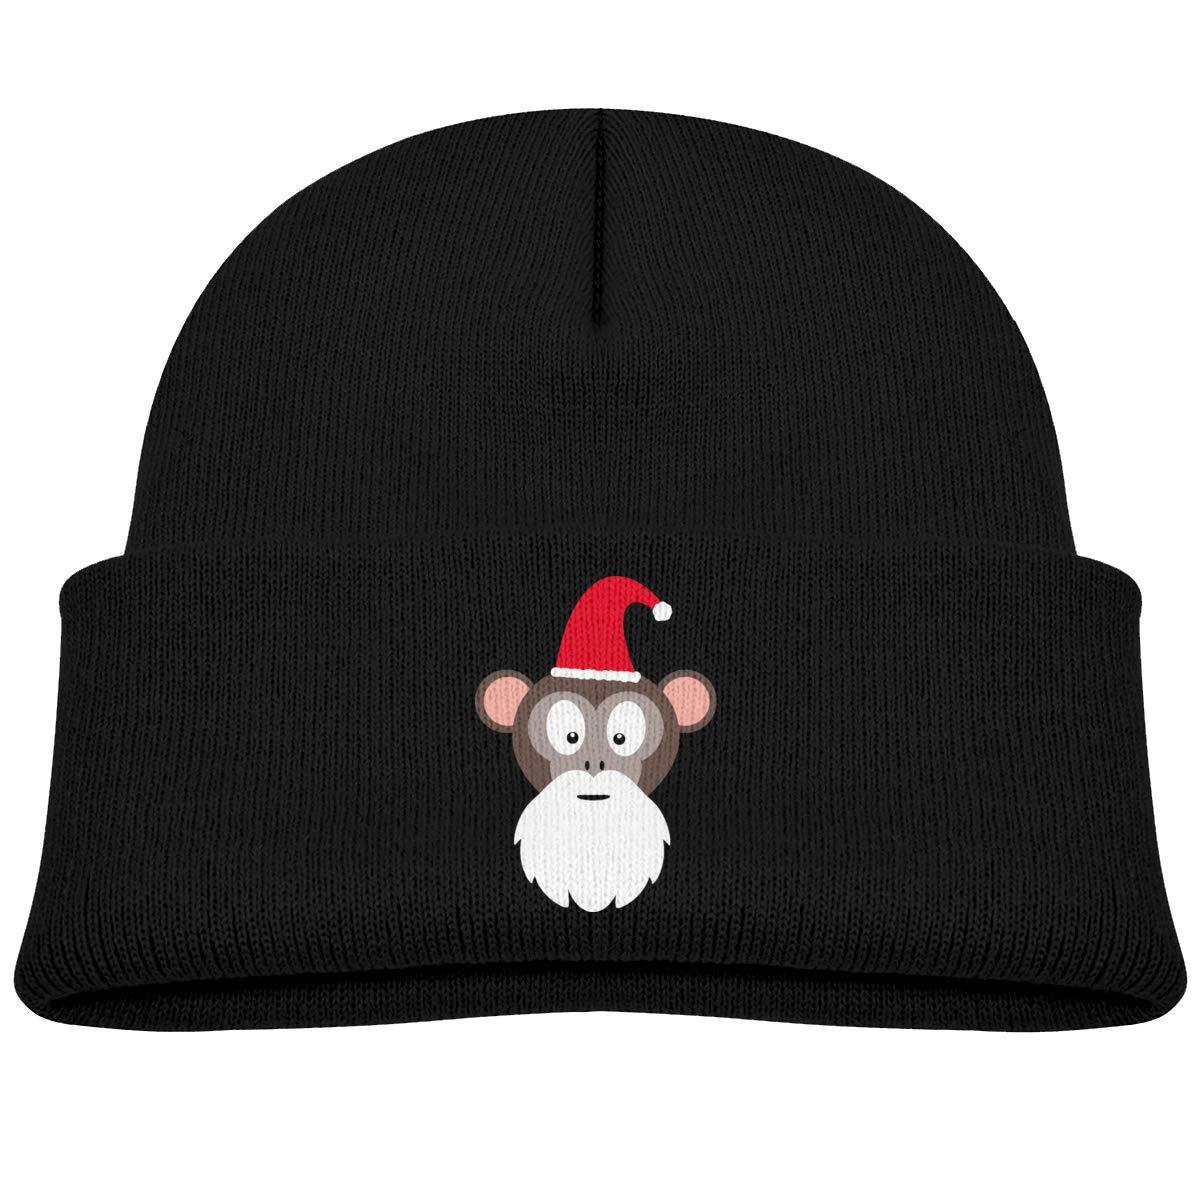 Hanfjj Kefdk Monkey Santa Infant Skull Hat Baby Girl Beanies Caps